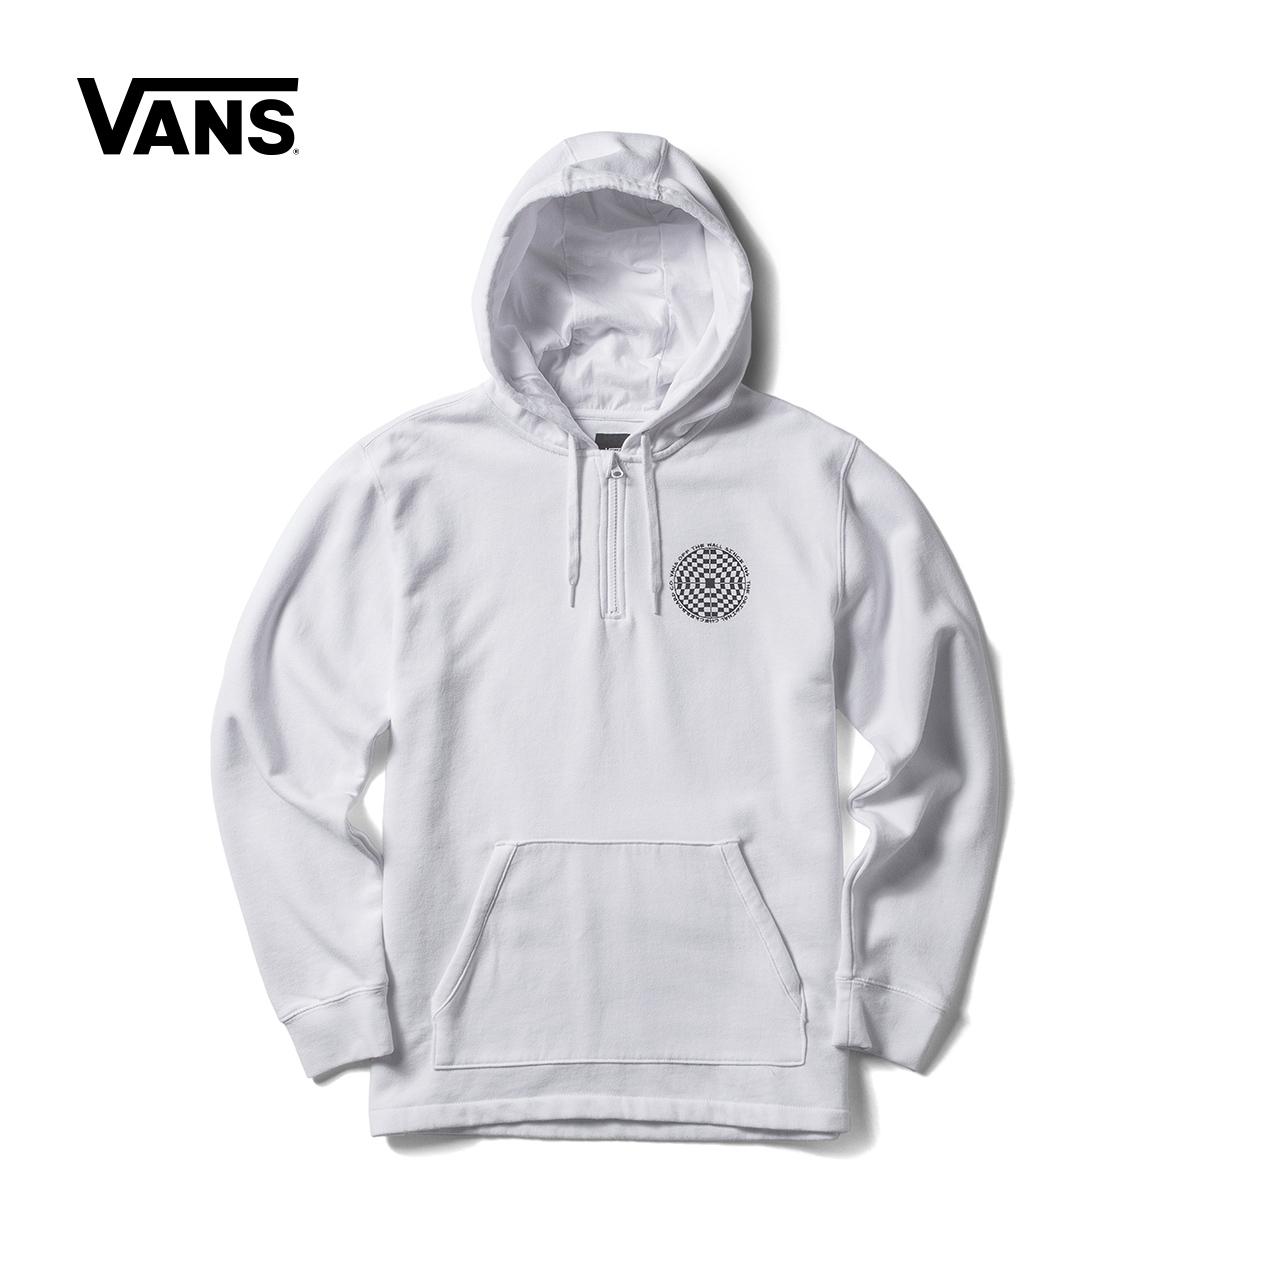 【 продажа 】Фургоны / модель этот весна белые мужские модели закрытый свитер |VN0A3723WHT